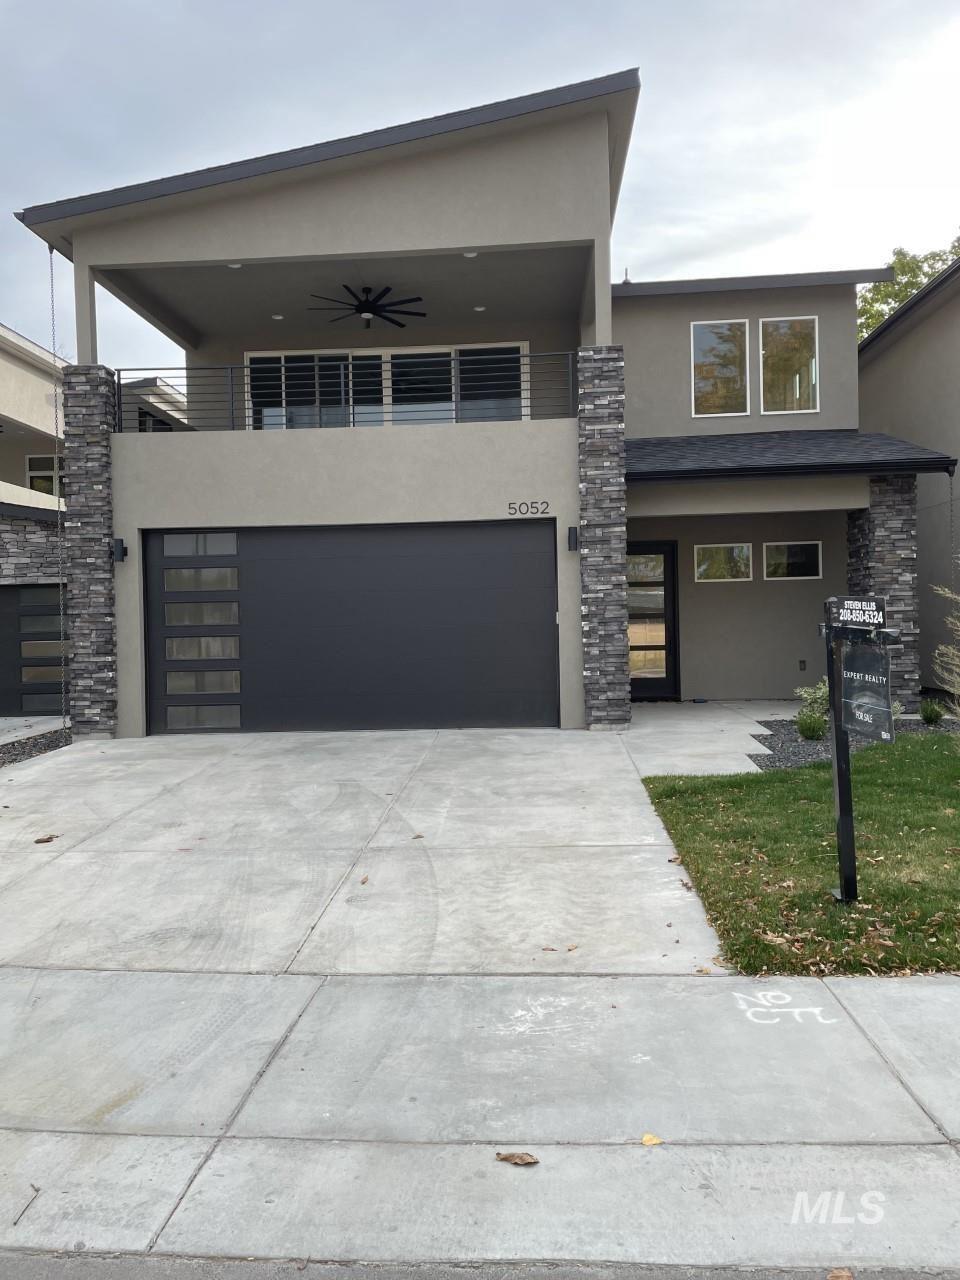 5052 N Thorton Lane, Boise, ID 83714 - MLS#: 98818739